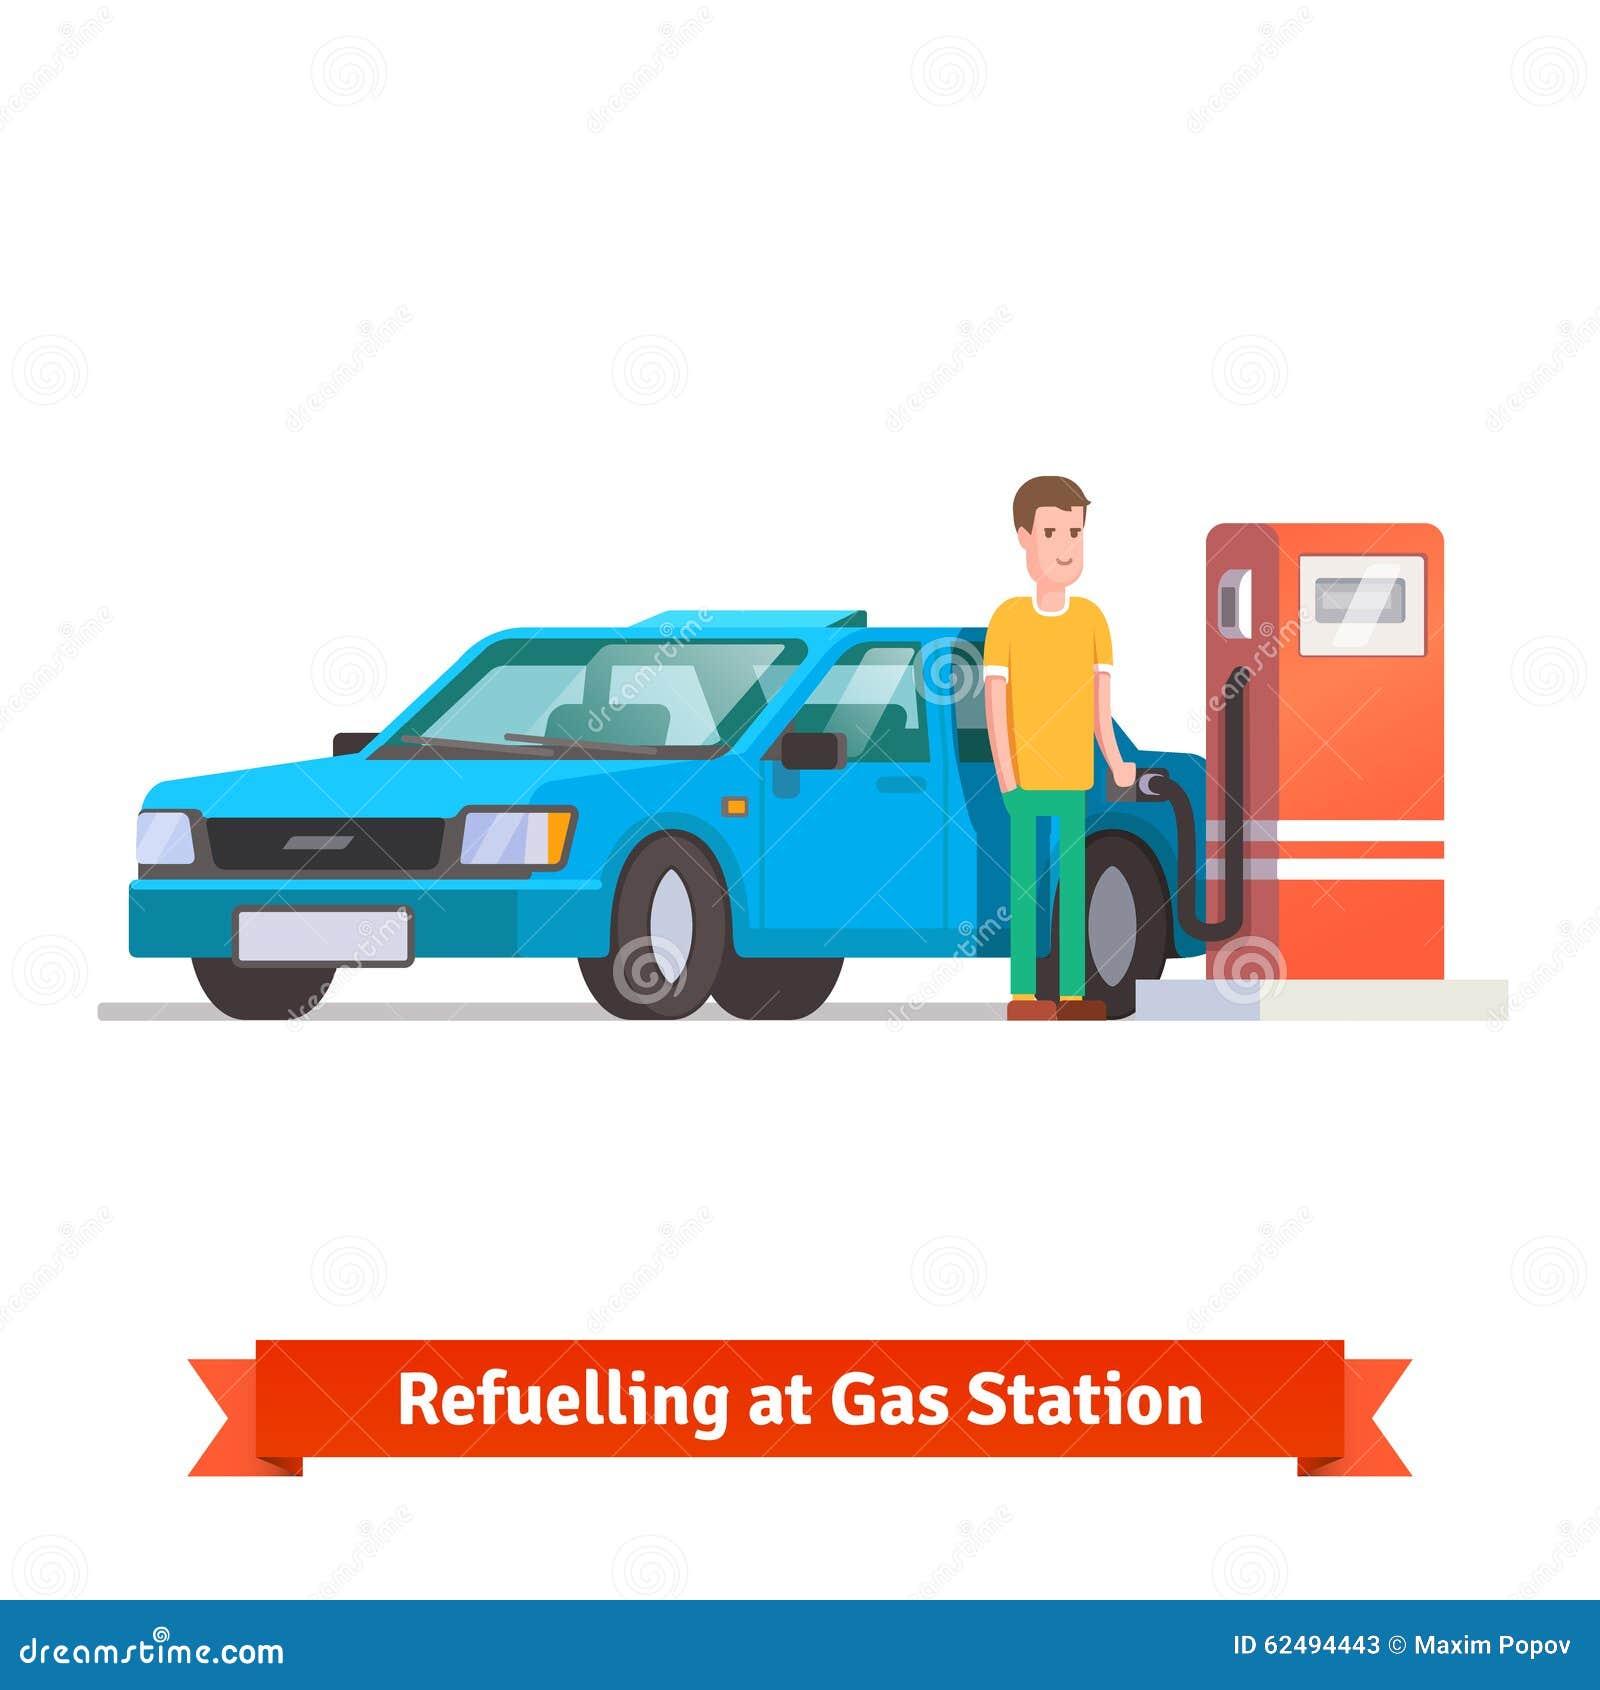 Άτομο που ανεφοδιάζει σε καύσιμα το αυτοκίνητό του στο πρατήριο καυσίμων